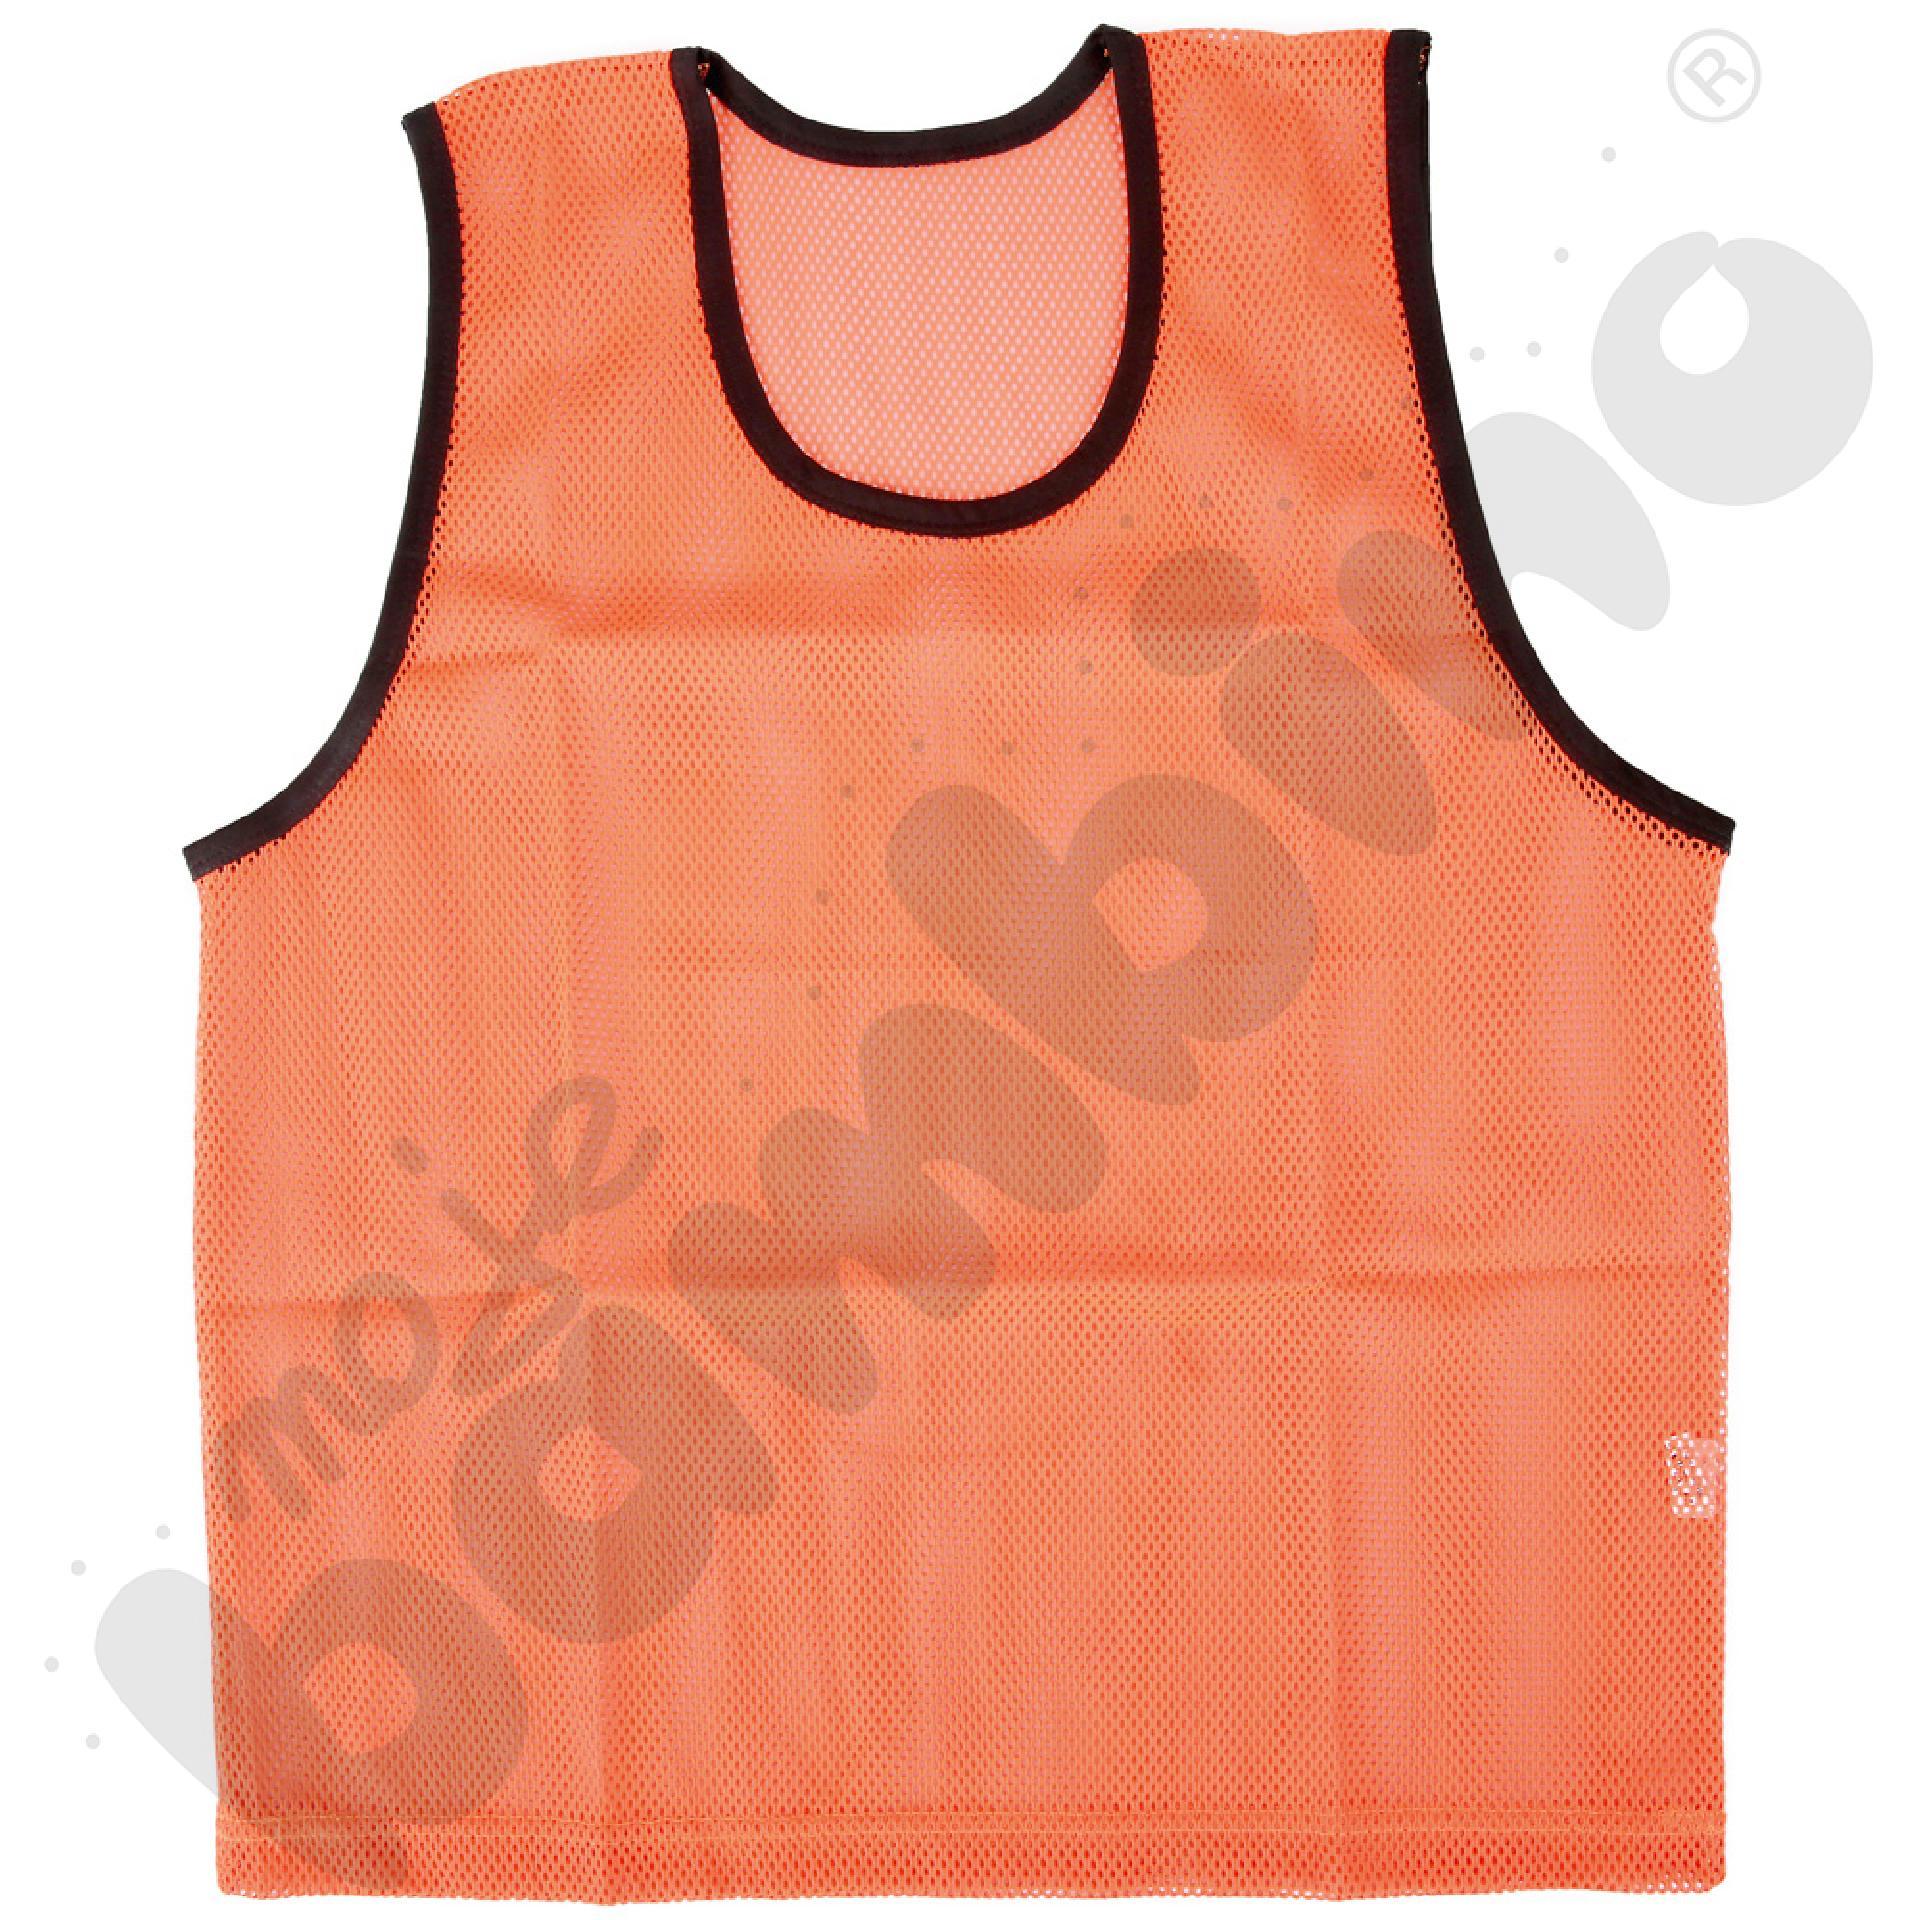 Koszulka jaskrawopomarańczowa, rozm. S